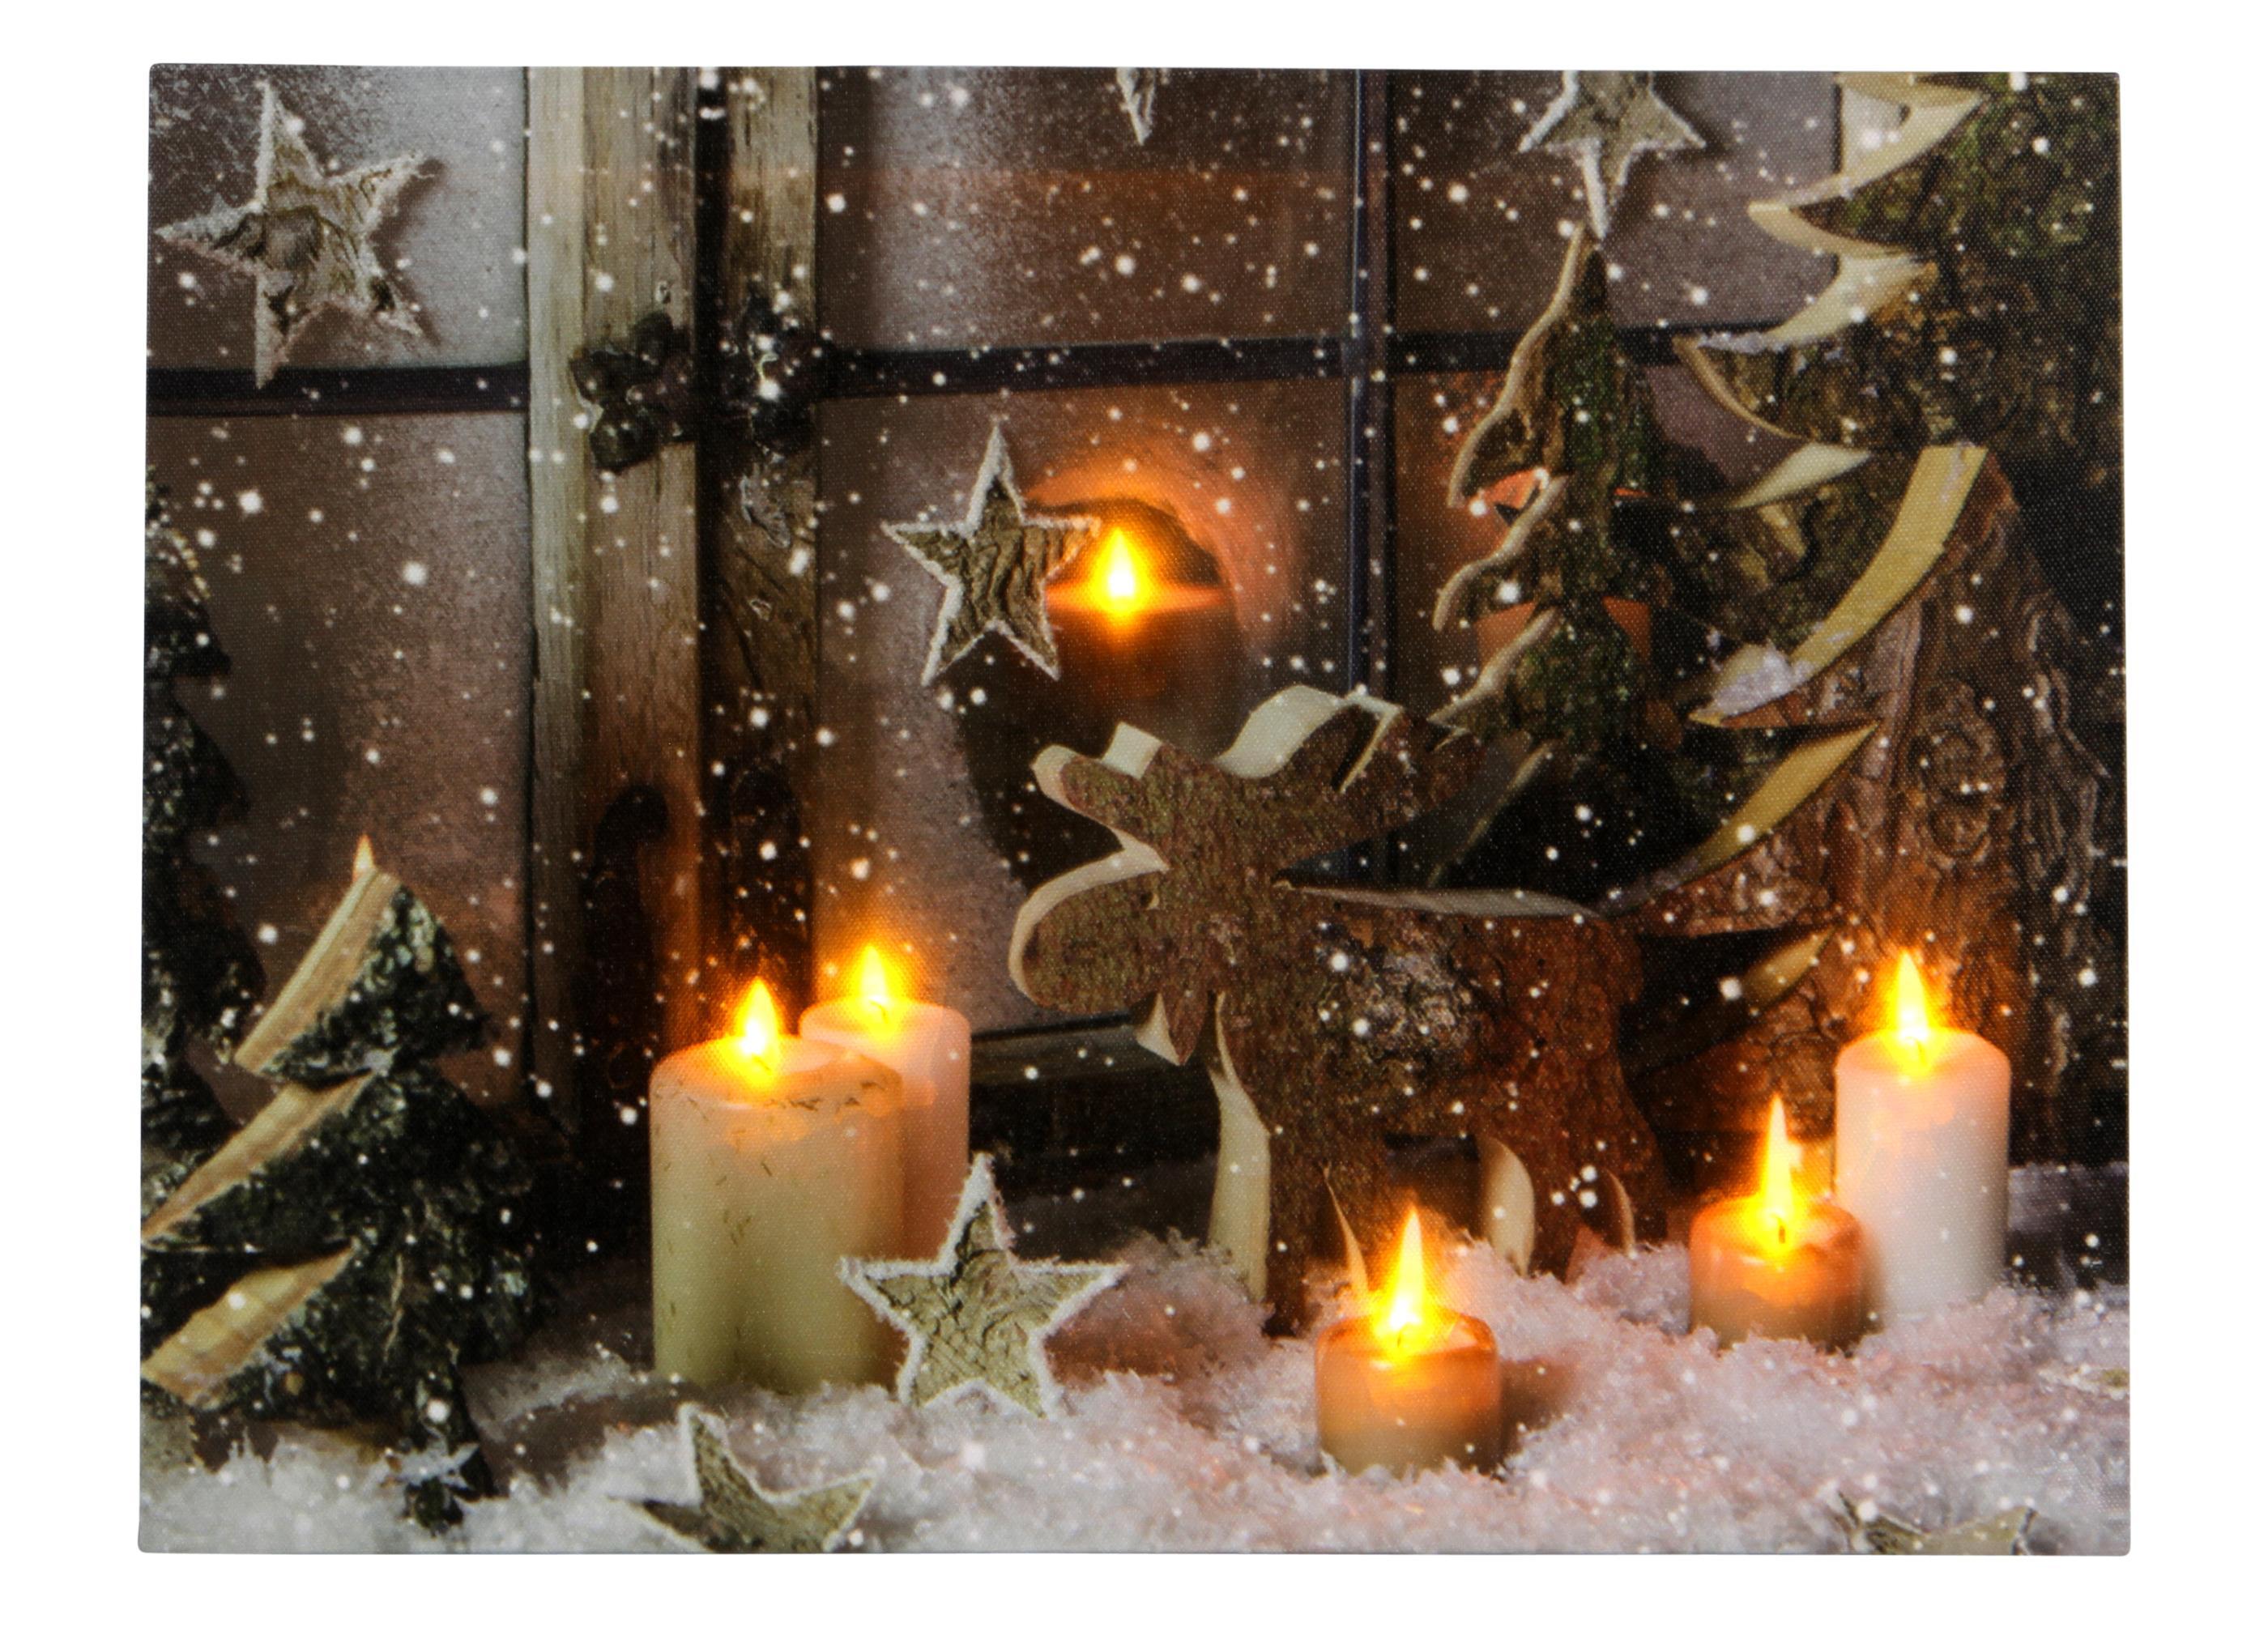 Led weihnachten led weihnachten party lichterkette lichtschlauch deko 100er led lichterkugel - Led fensterdeko weihnachten ...